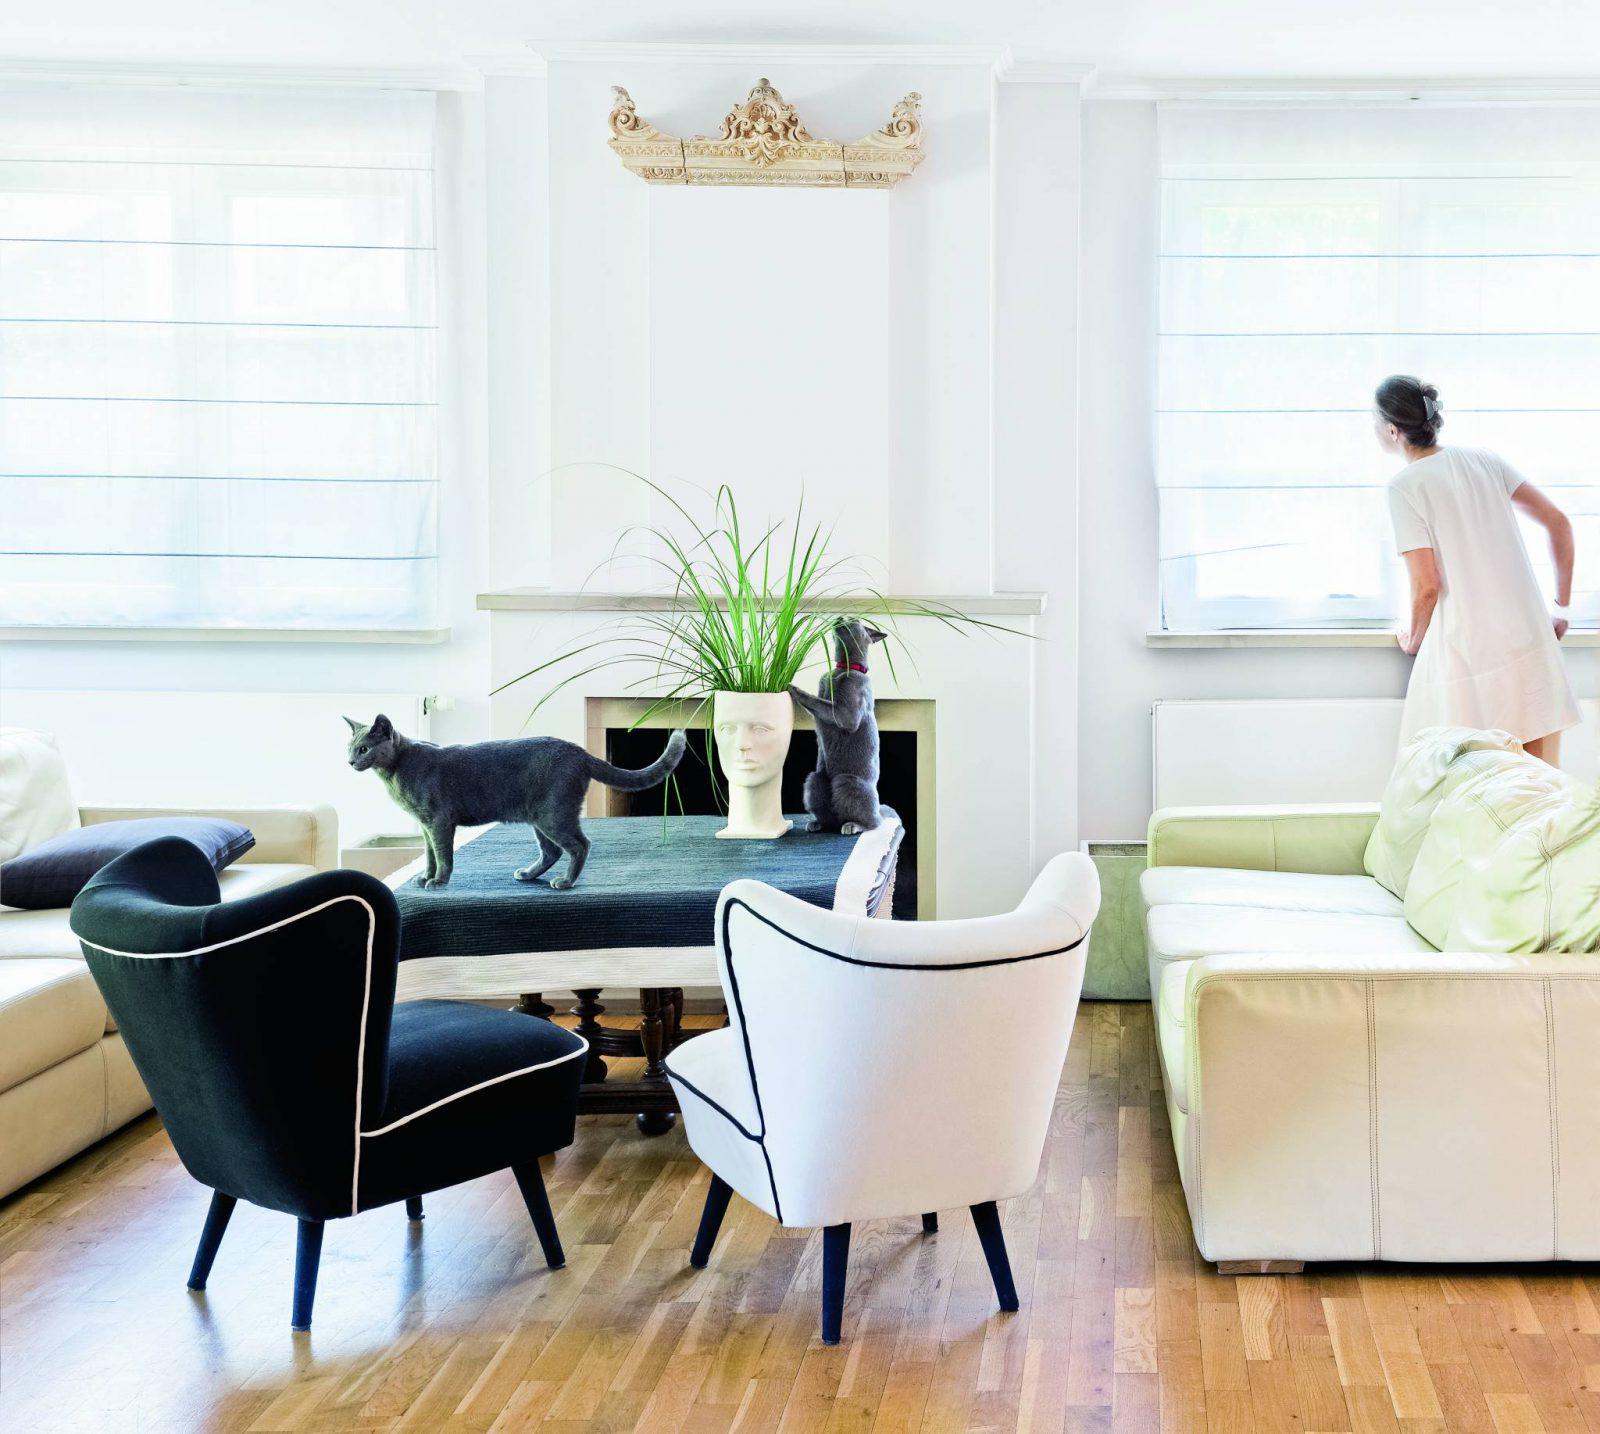 W domu artystki króluje biel i rządzą koty rosyjskie niebieskie. (Fot. Jakub Pajewski; Stylizacja: Basia Dereń-Marzec)